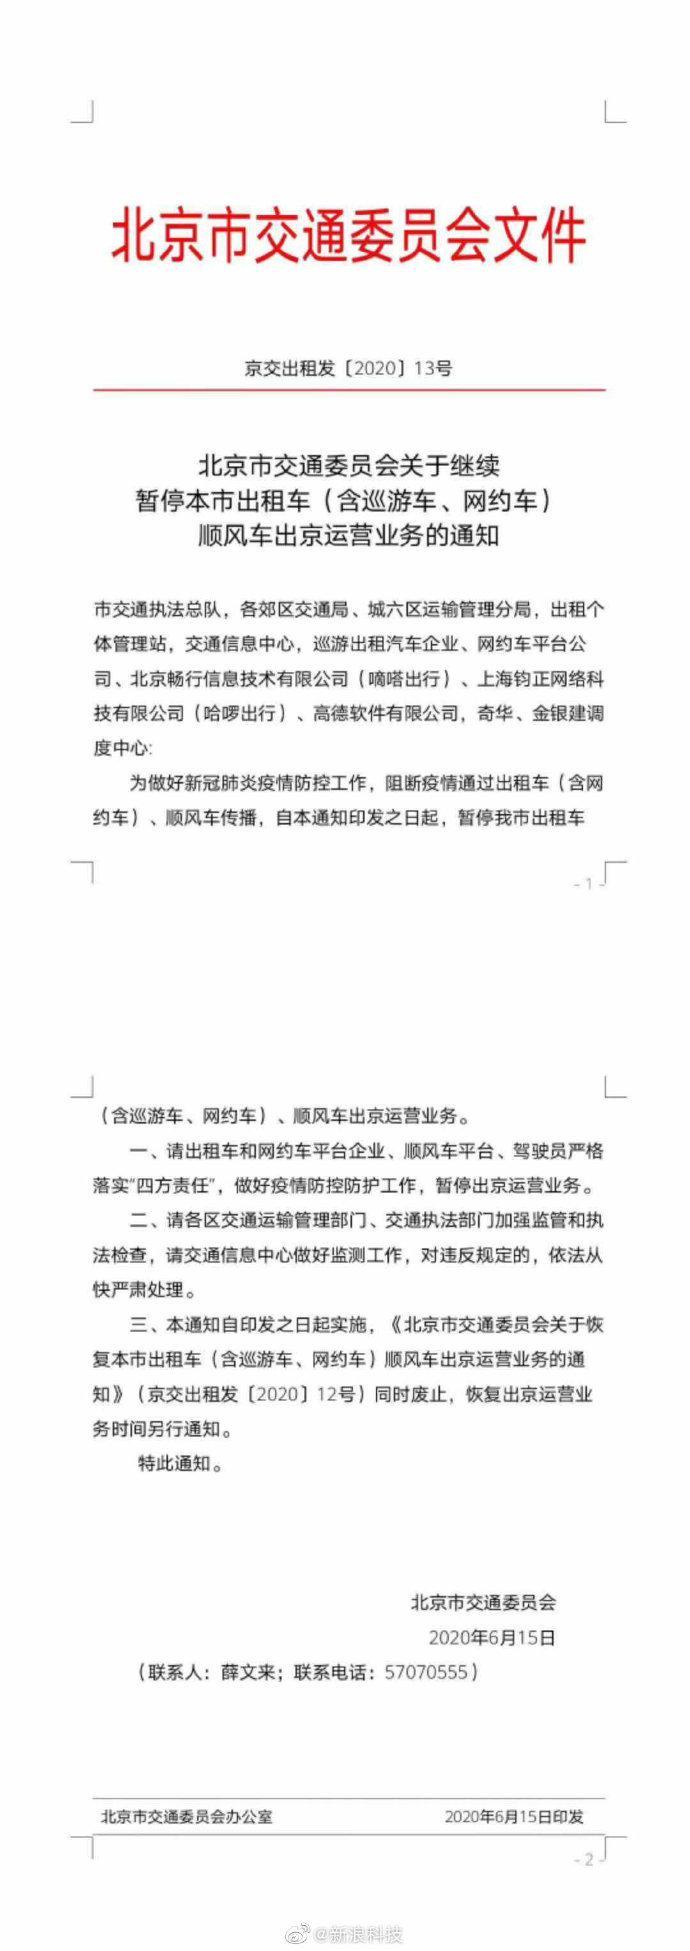 北京市交通委:继续暂停出租车网约车顺风车出京业务